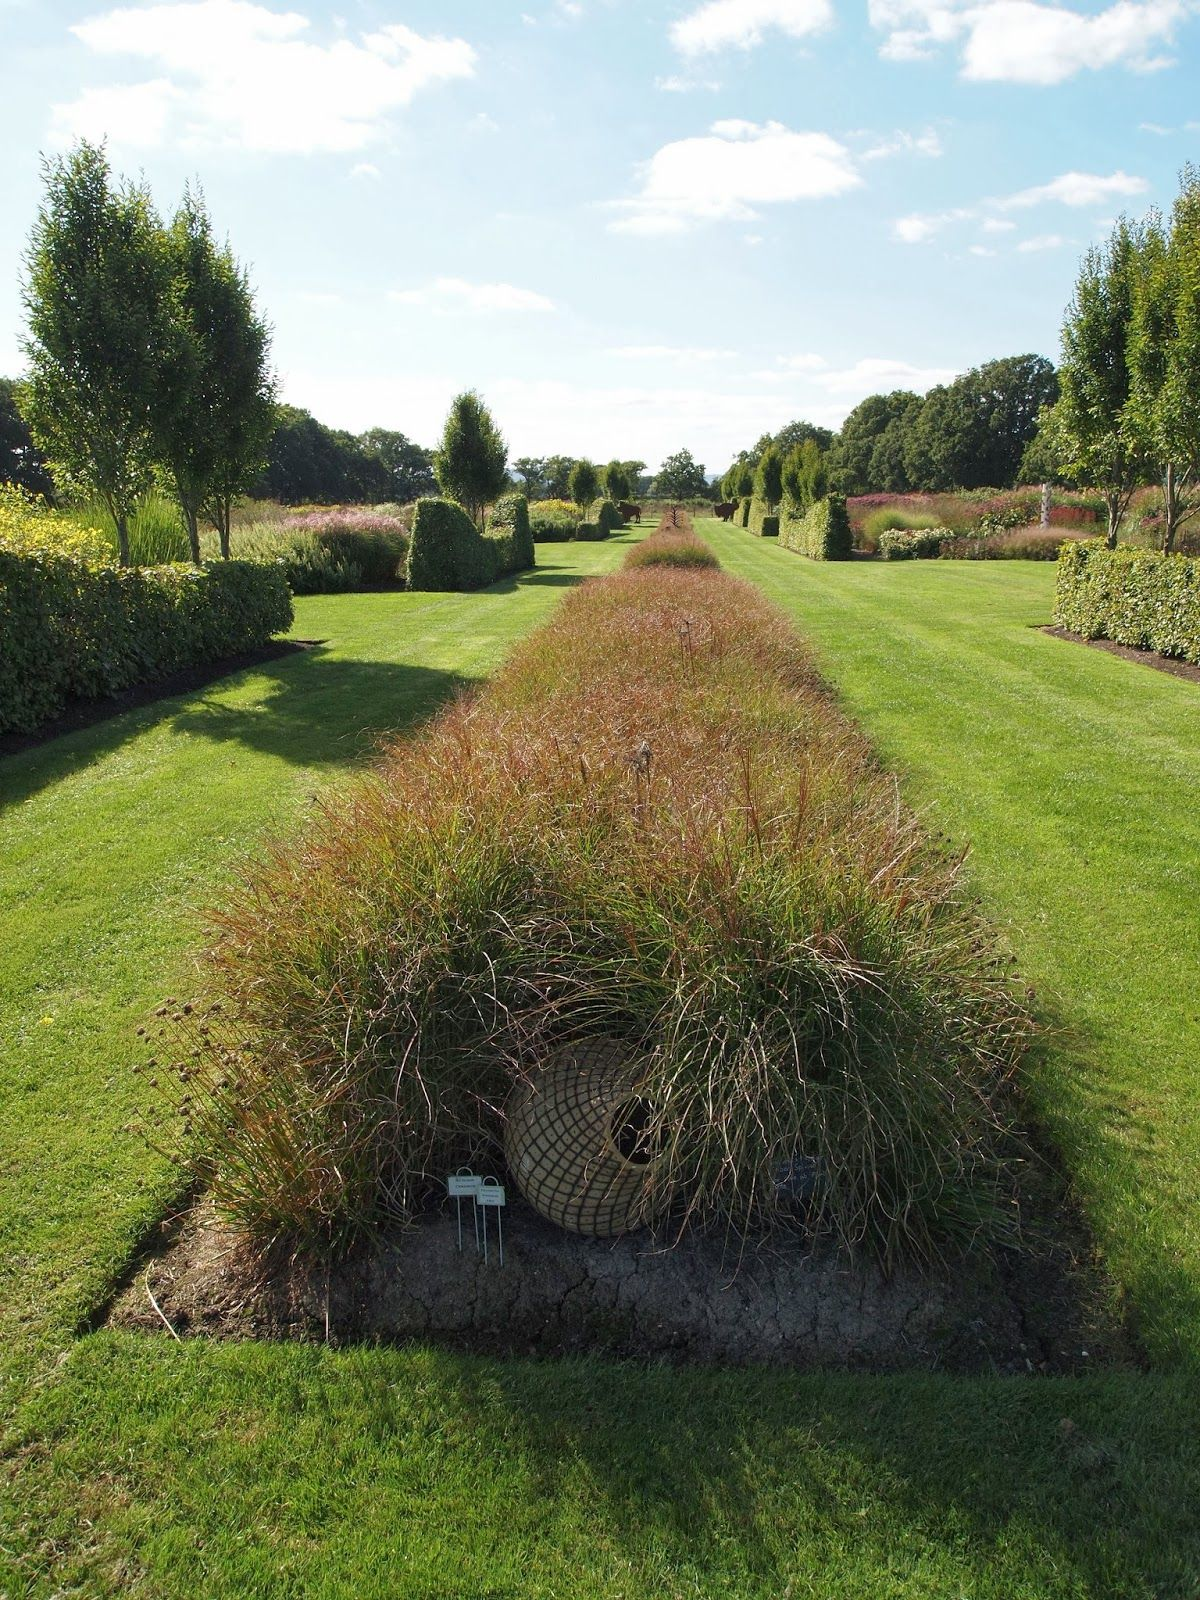 Sussex Prairies Gardens Australian Garden Design Outdoor Landscaping British Garden